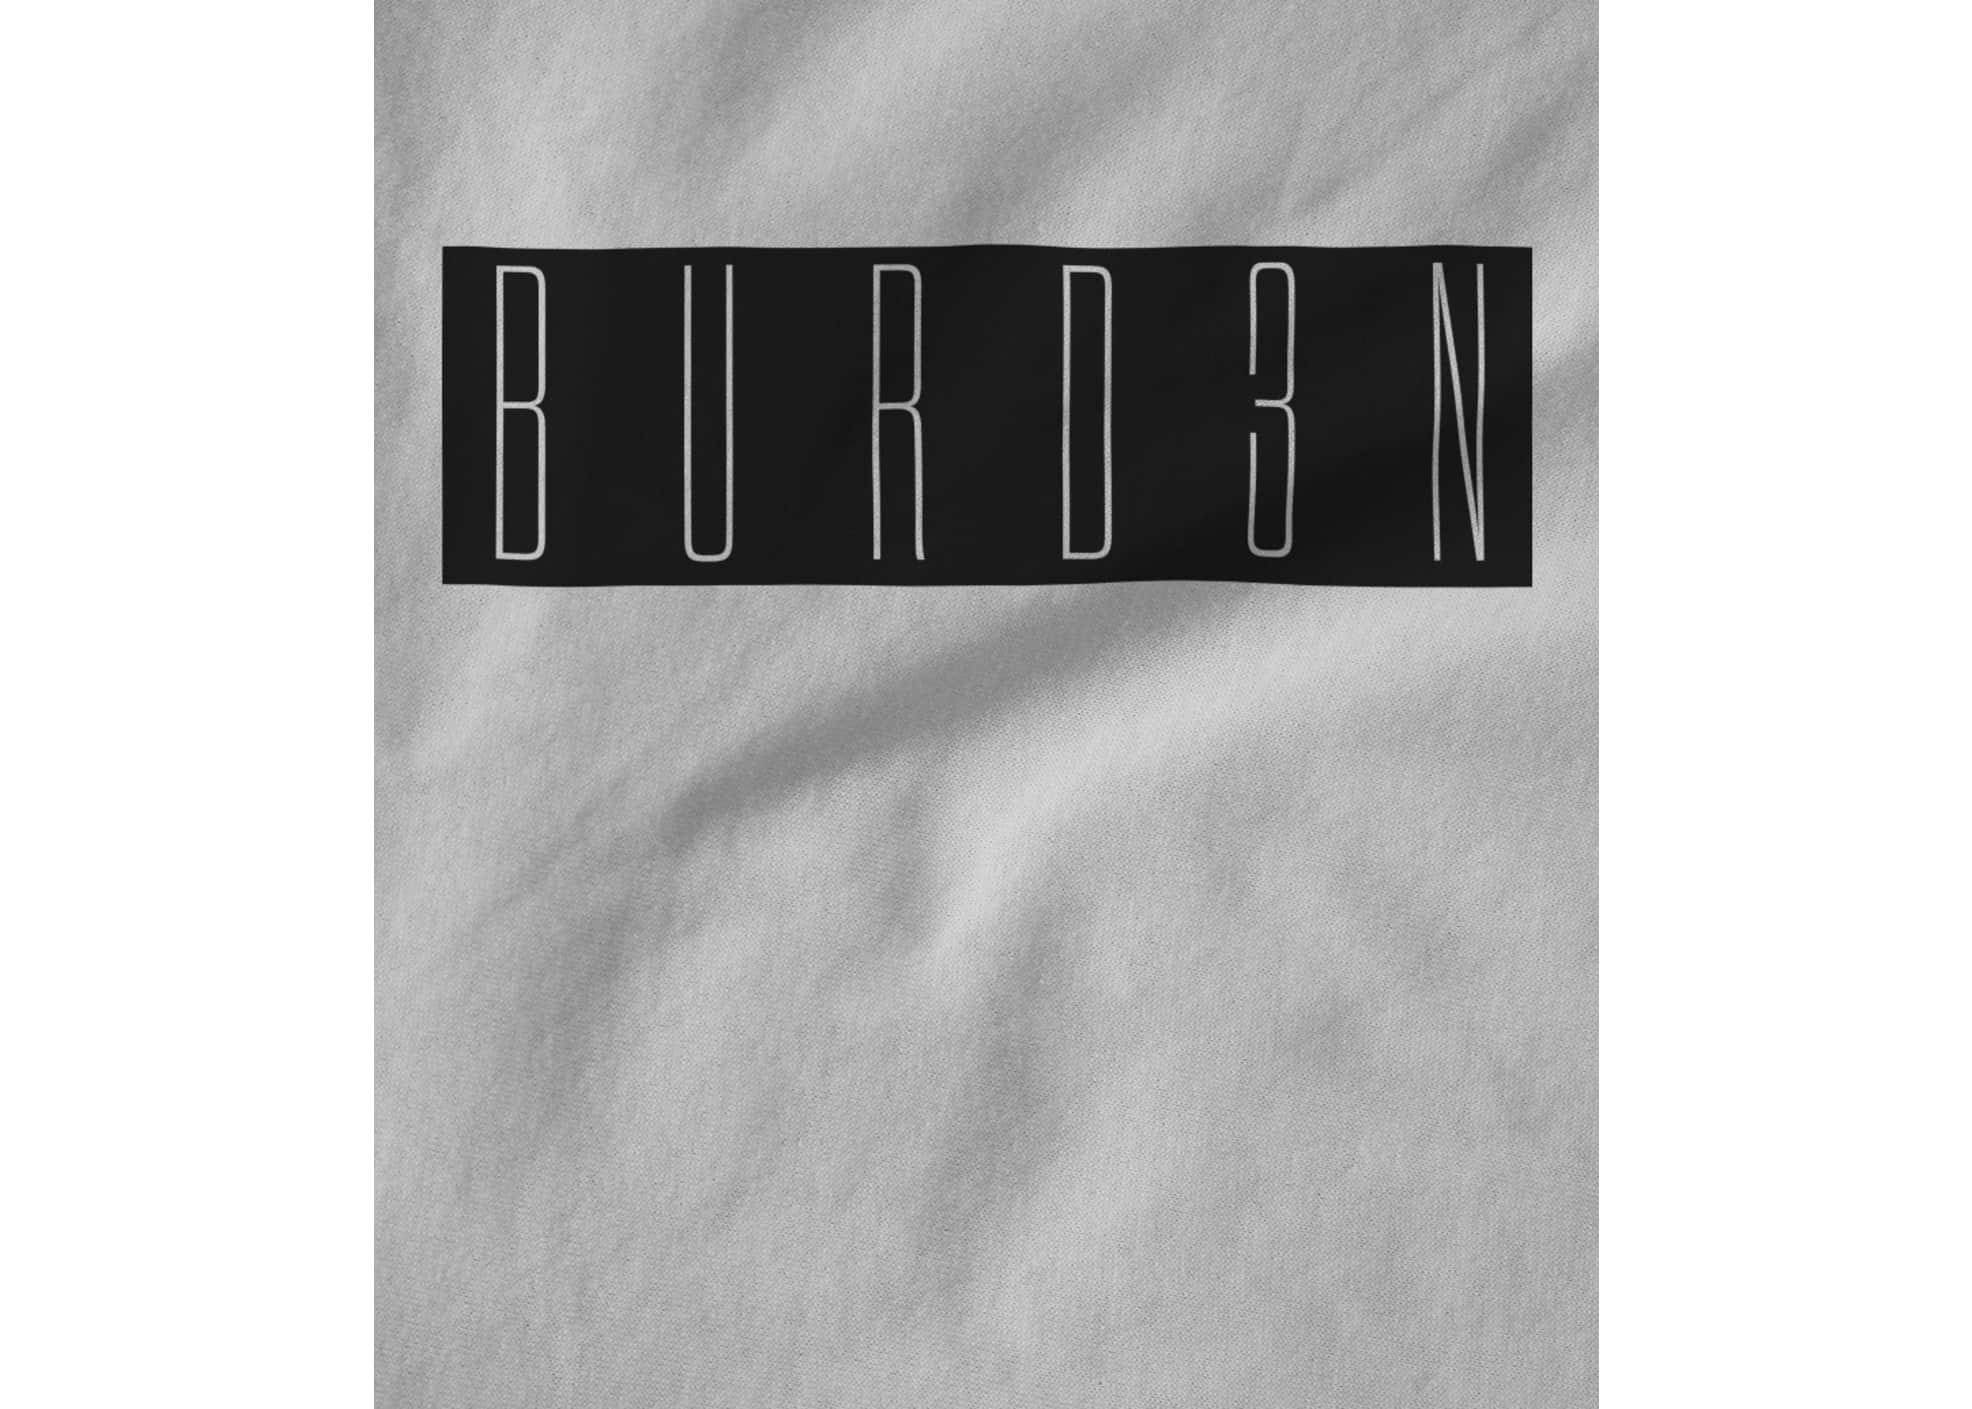 Burden of the sky burd3n   white 1585955371